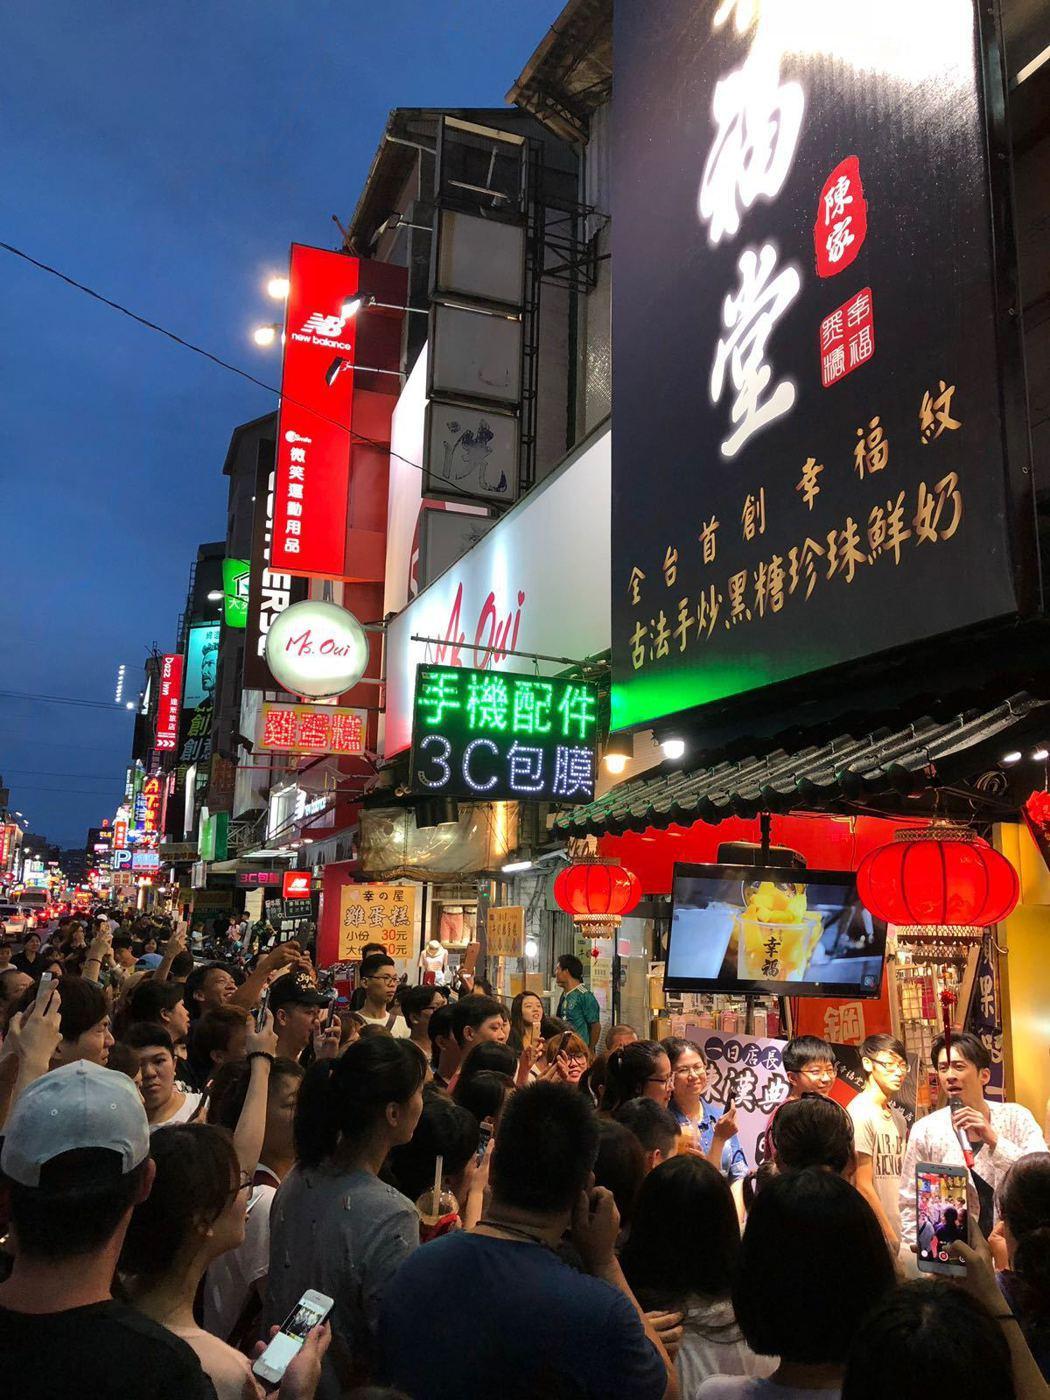 台灣黑糖珍珠鮮奶創始品牌幸福堂趕在16強開踢當日開幕,選在人潮眾多的逢甲夜市落腳...